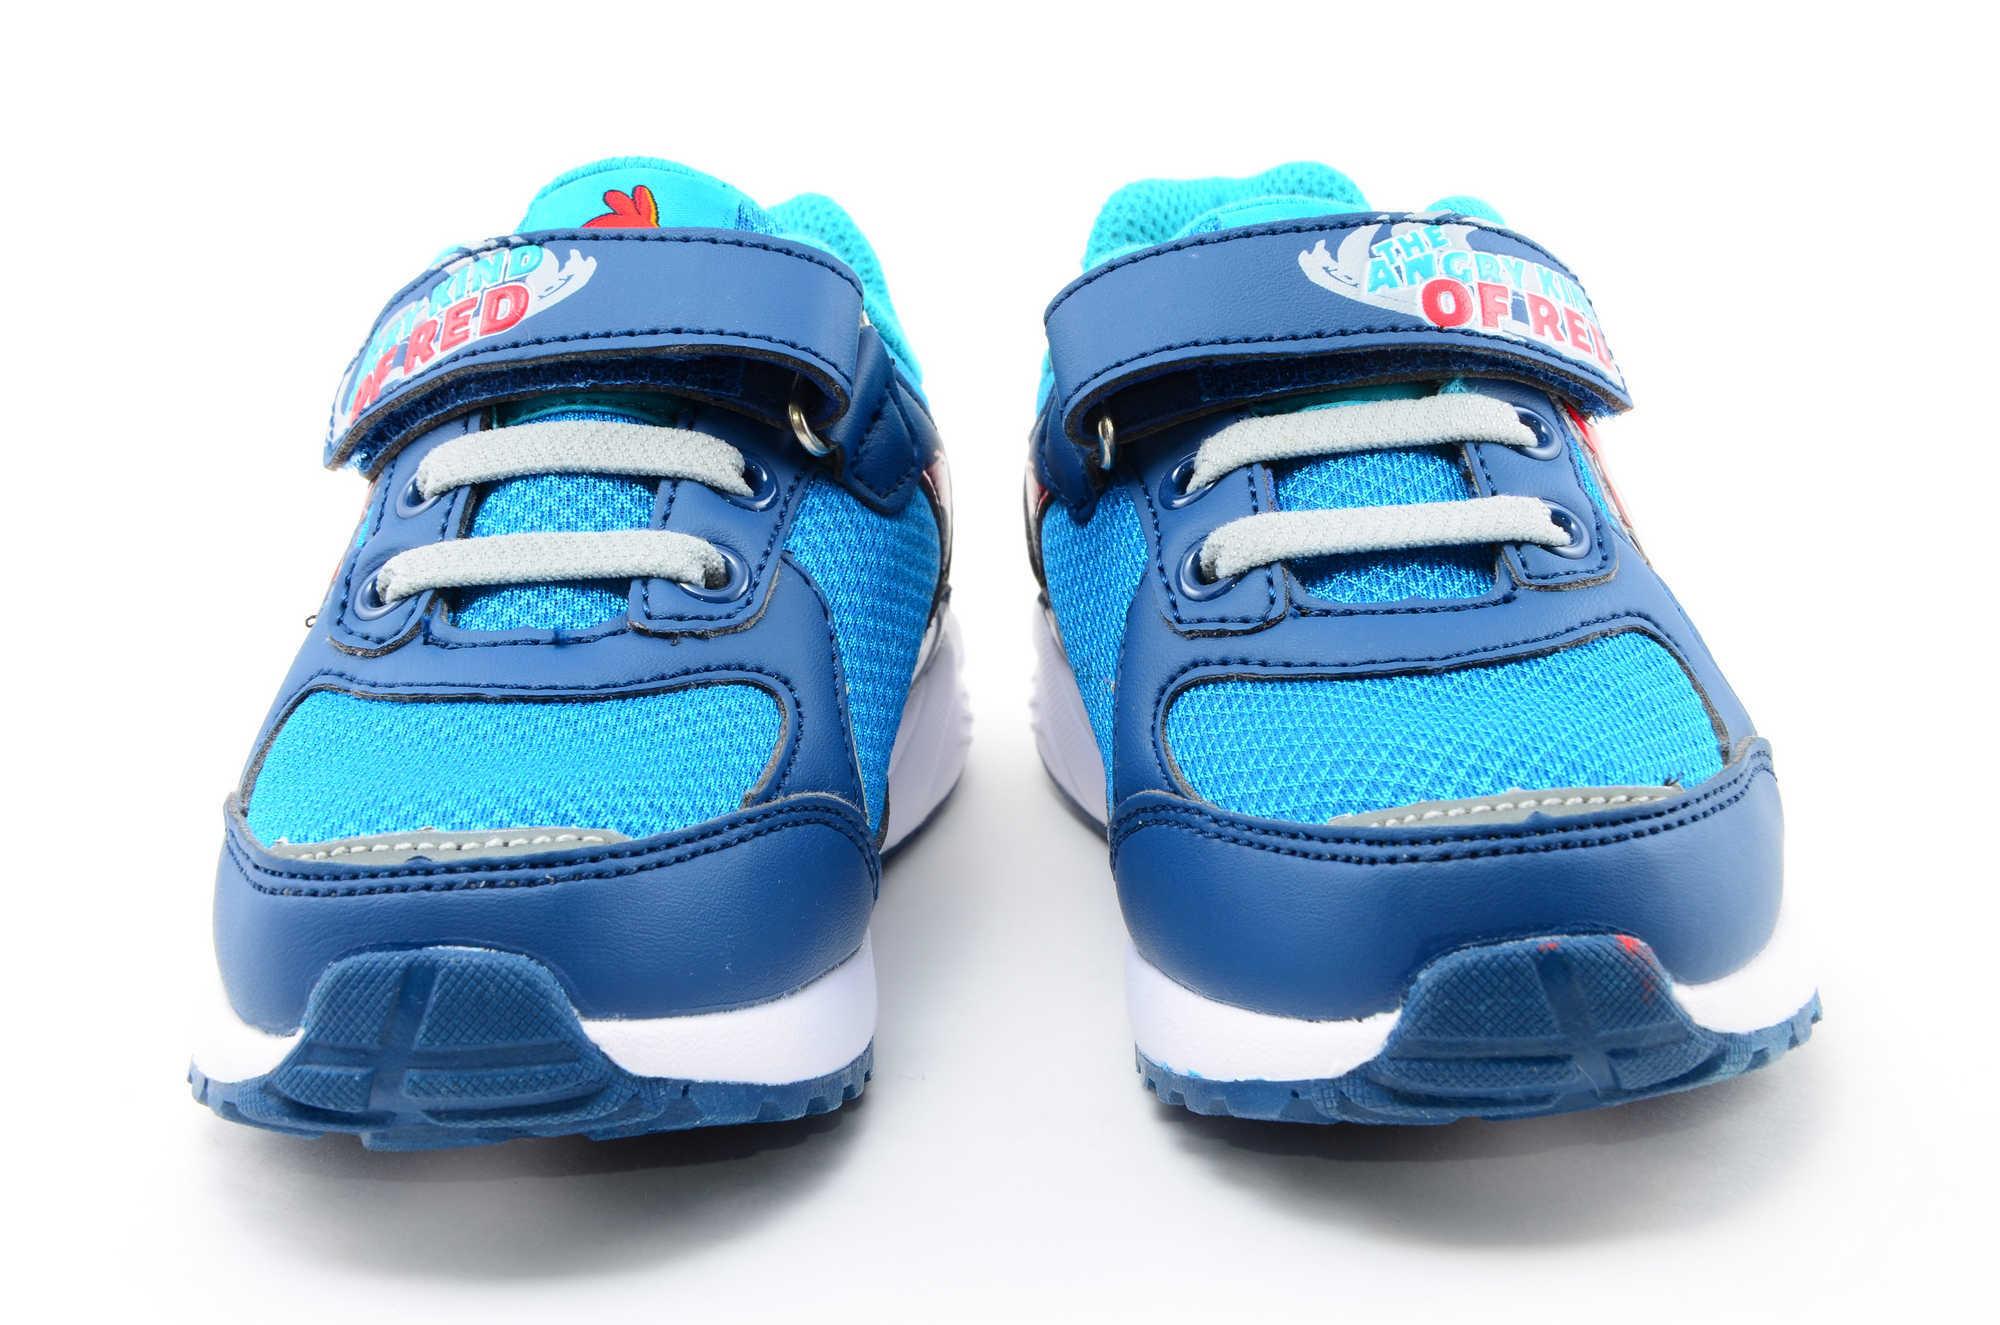 Светящиеся кроссовки для мальчиков Энгри Бердс (Angry Birds) на липучках, цвет синий, мигает картинка сбоку